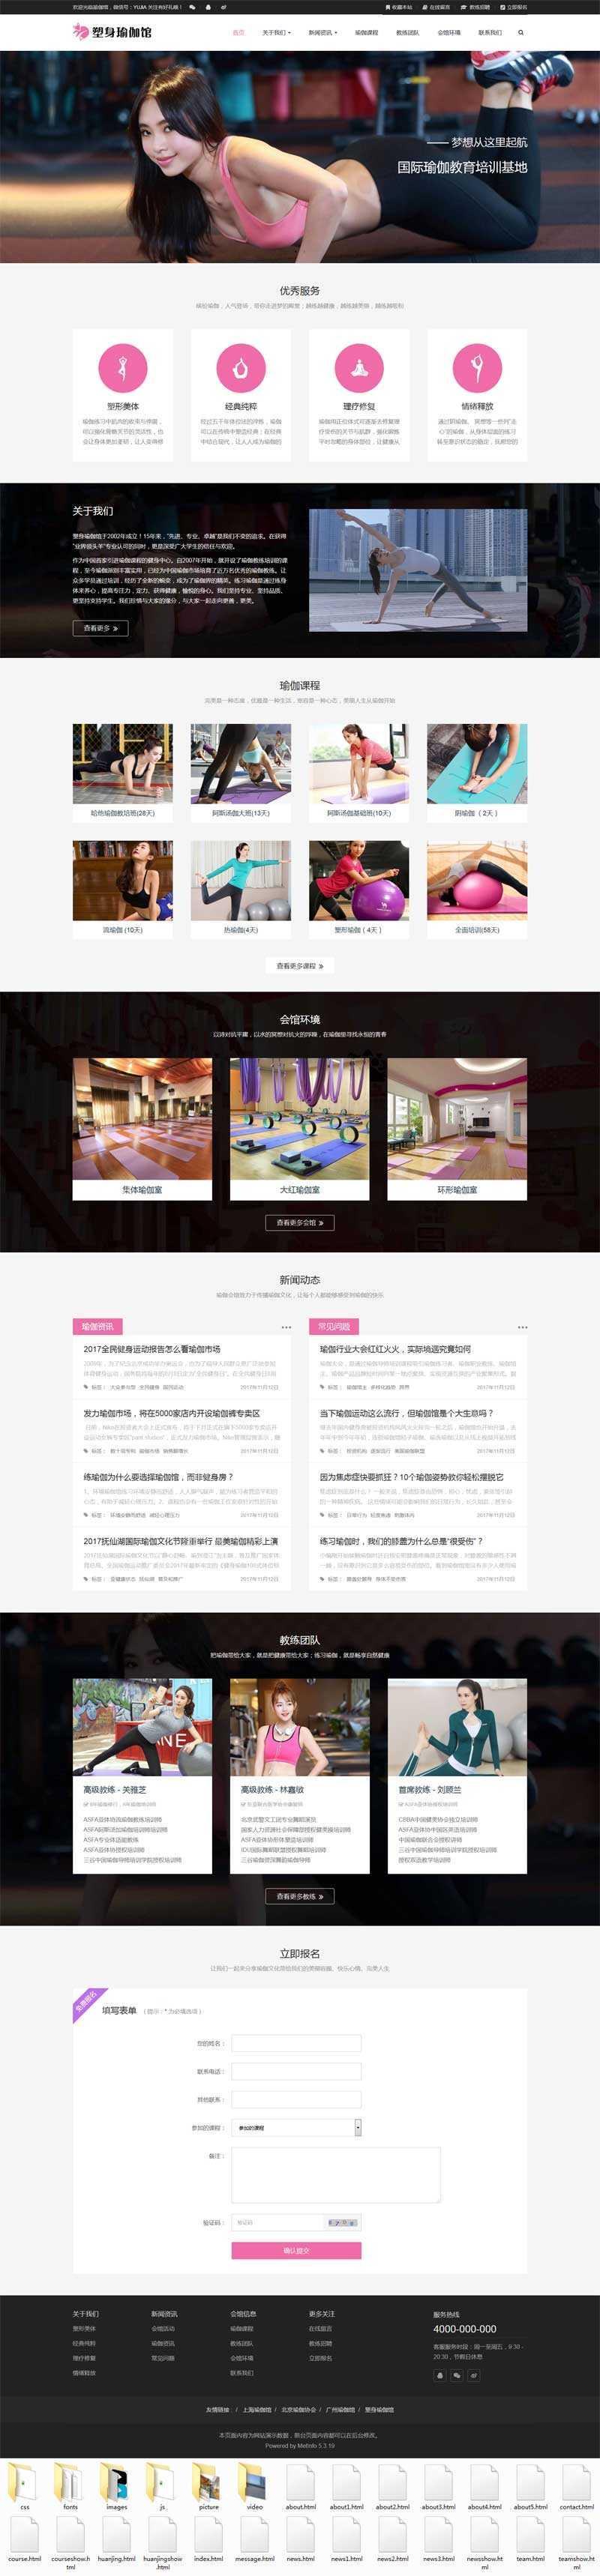 粉色的健身房瑜伽馆网站响应式模板